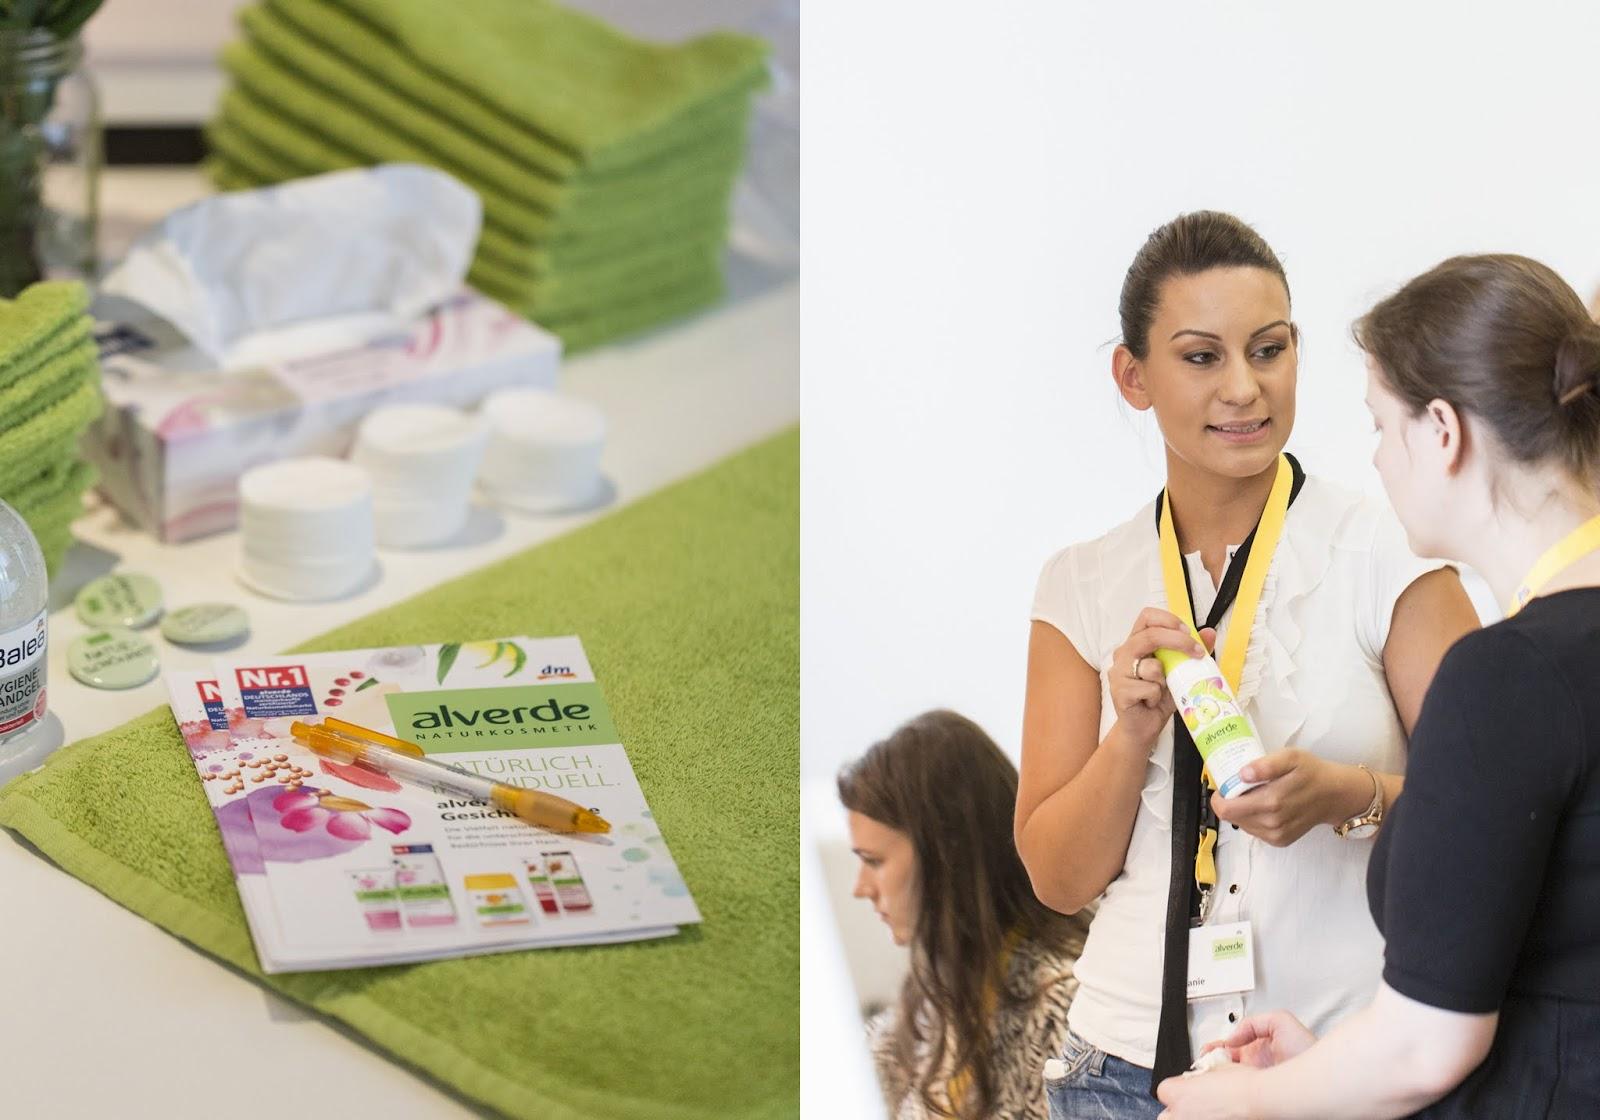 Alverde Beauty Werkstatt - Hautanalyse